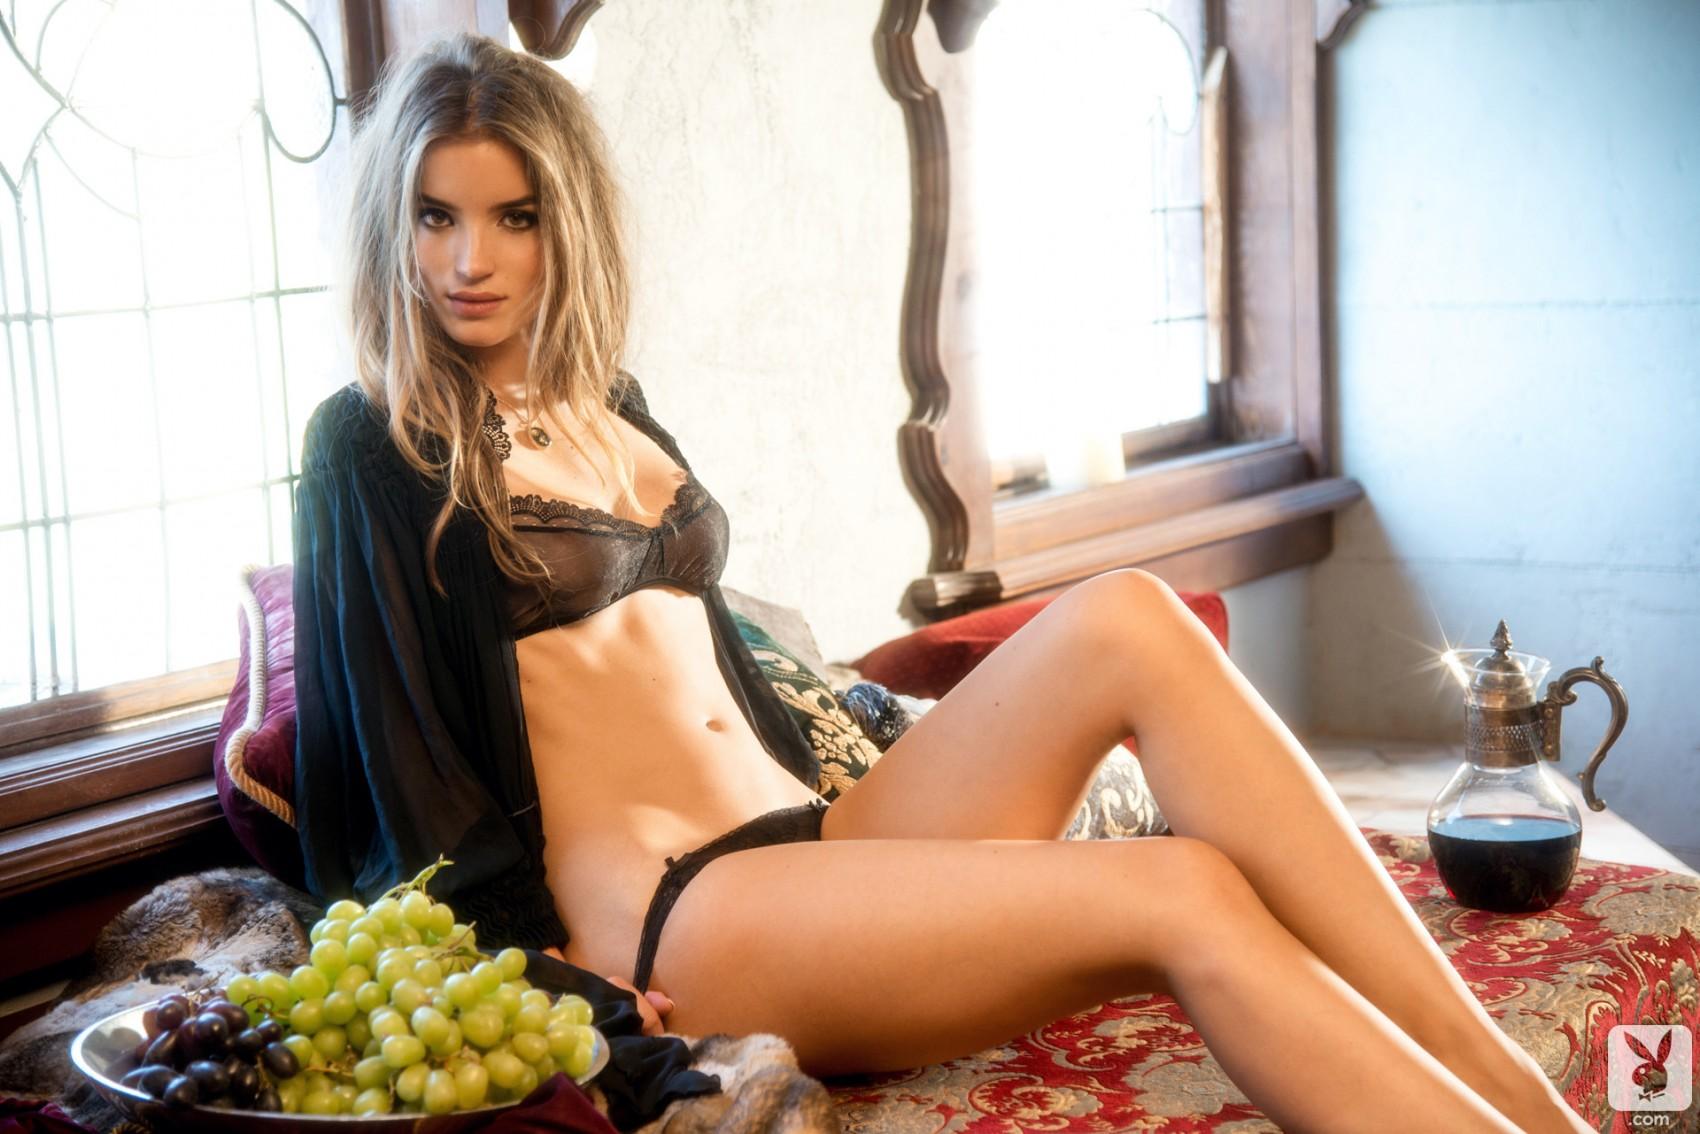 Самые сексуальные девушки всех времен, Самые красивые женщины всех времён по версии 5 фотография